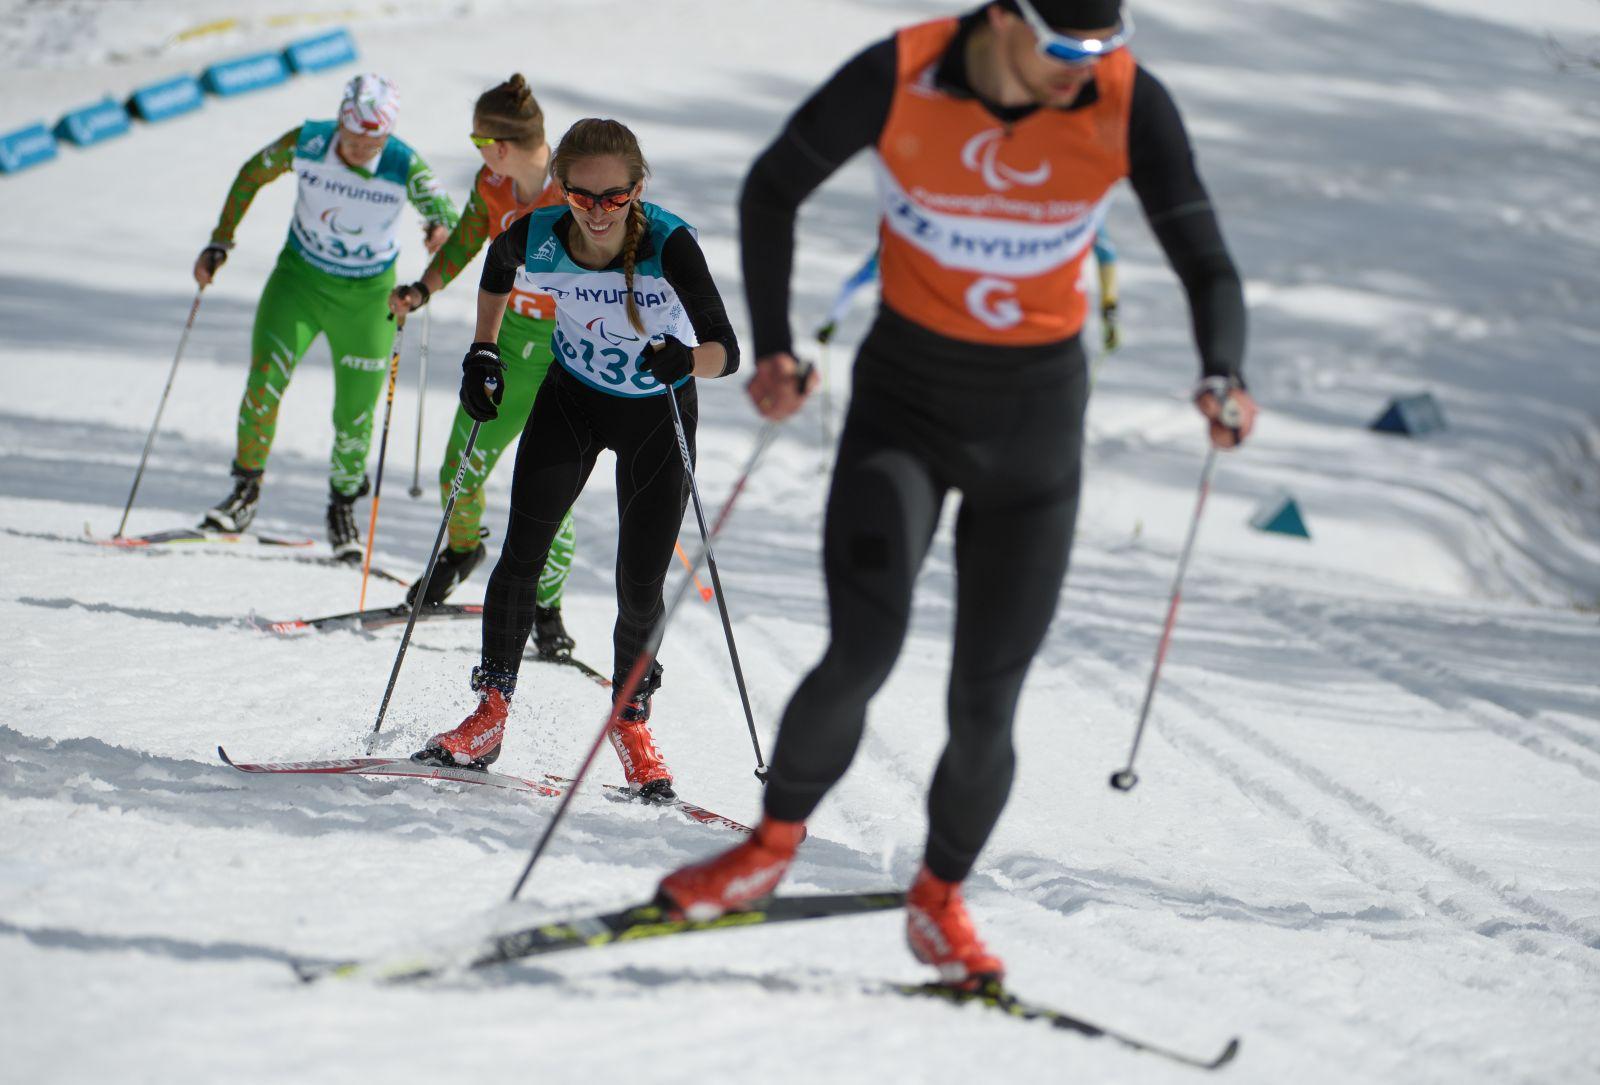 Паралимпиада-2018. 8 день. Михалина Лысова завоевала серебряную награду в лыжных гонках на дистанции 7,5 км классическим стилем